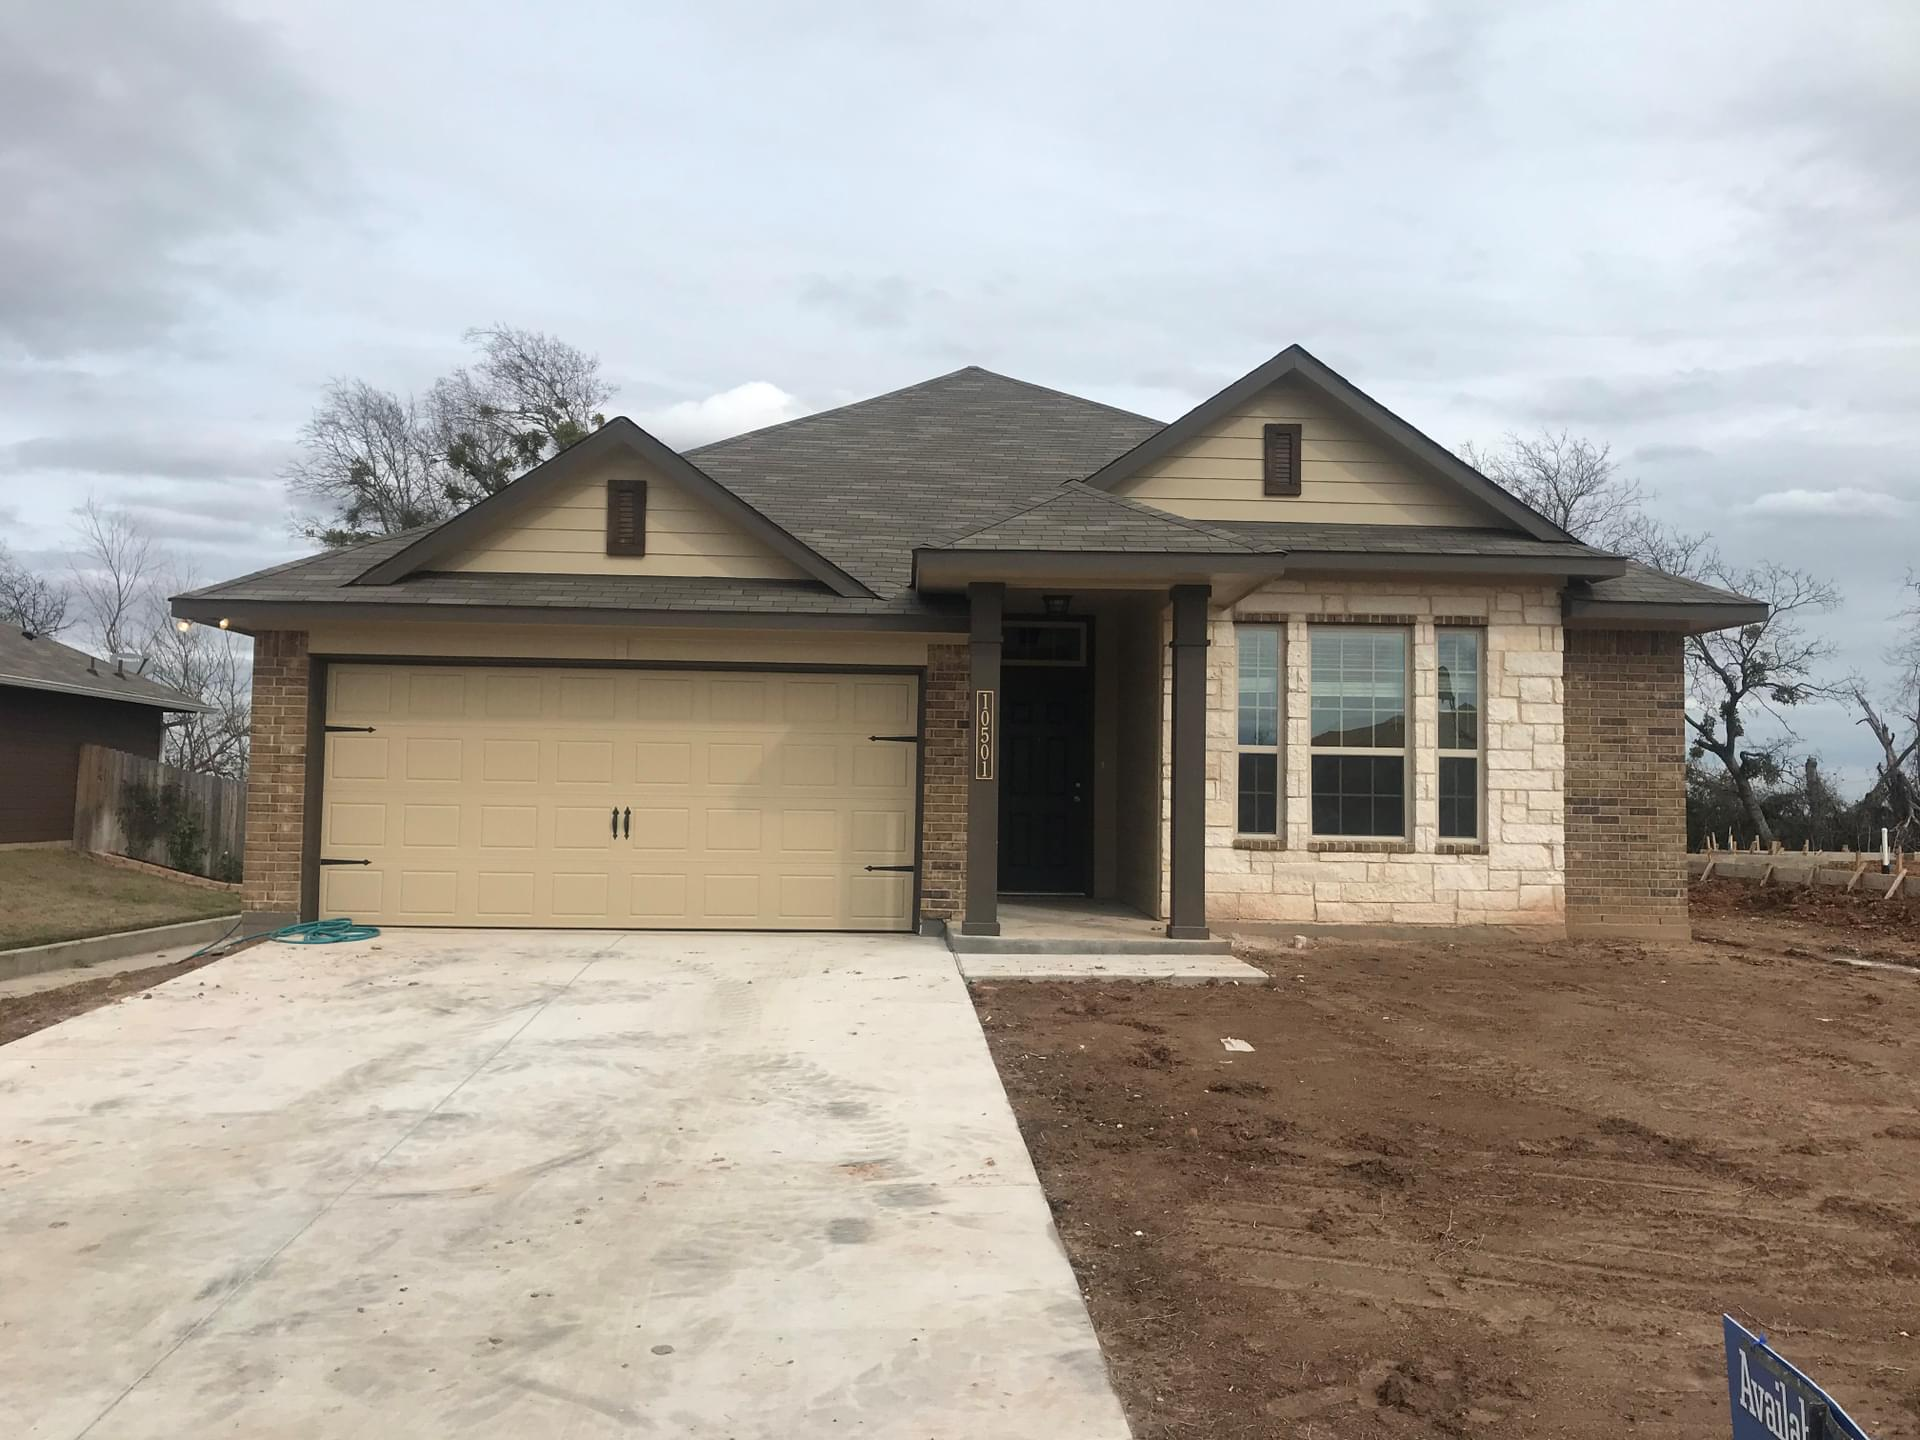 10501 Arabella Lane in Waco, TX